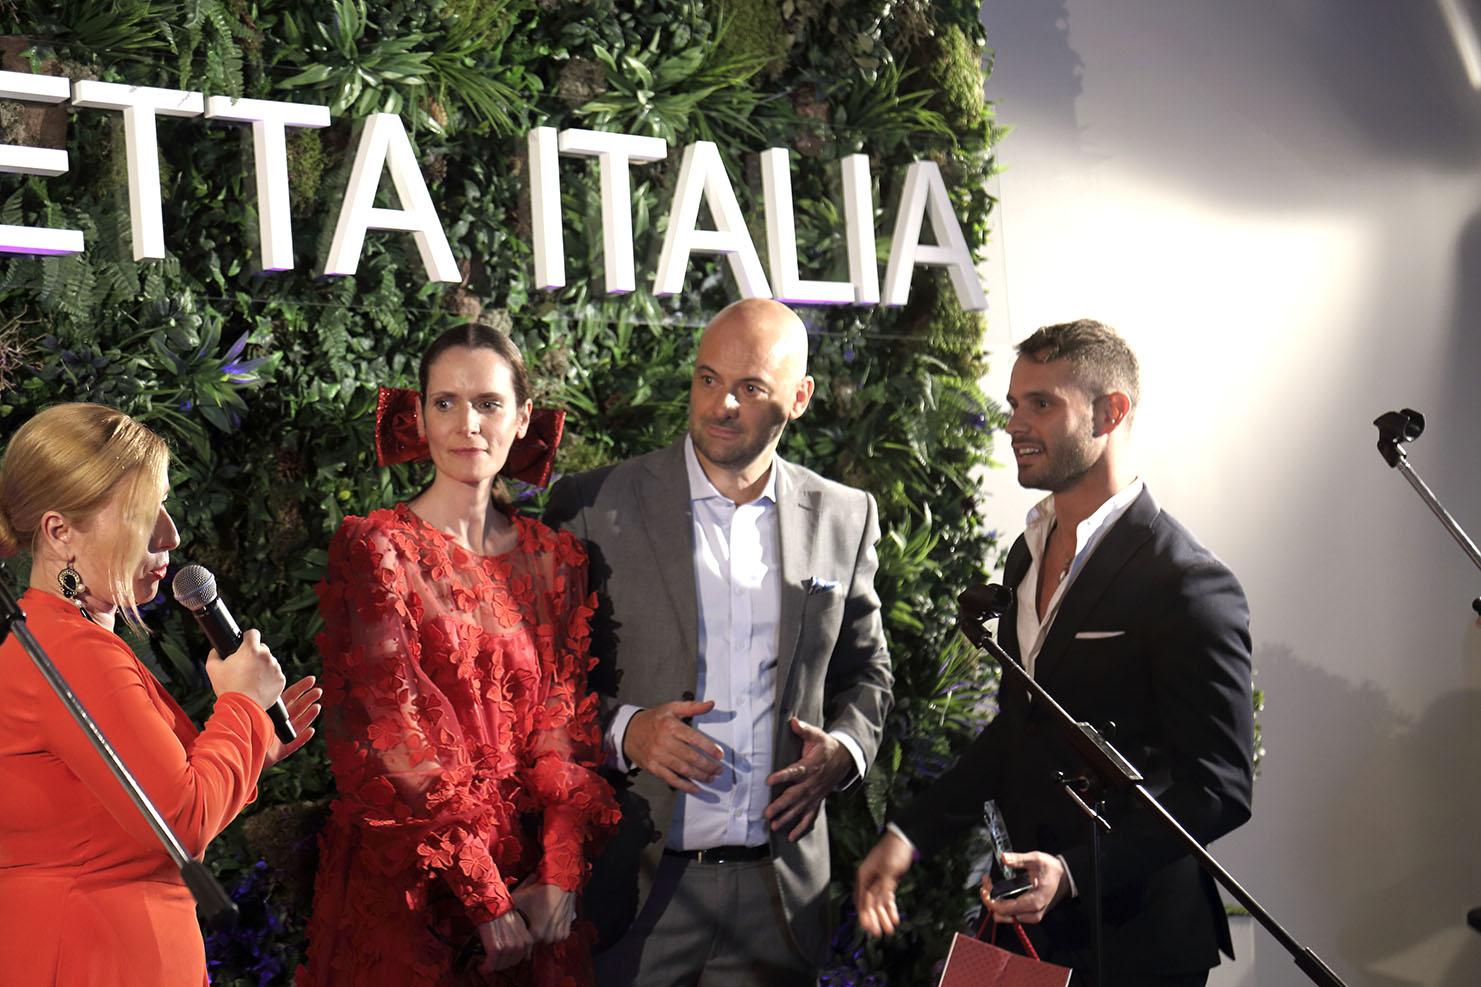 2018-06-12_Gala Gazzetta Italia_3_Preisverleihung-Shows (111)